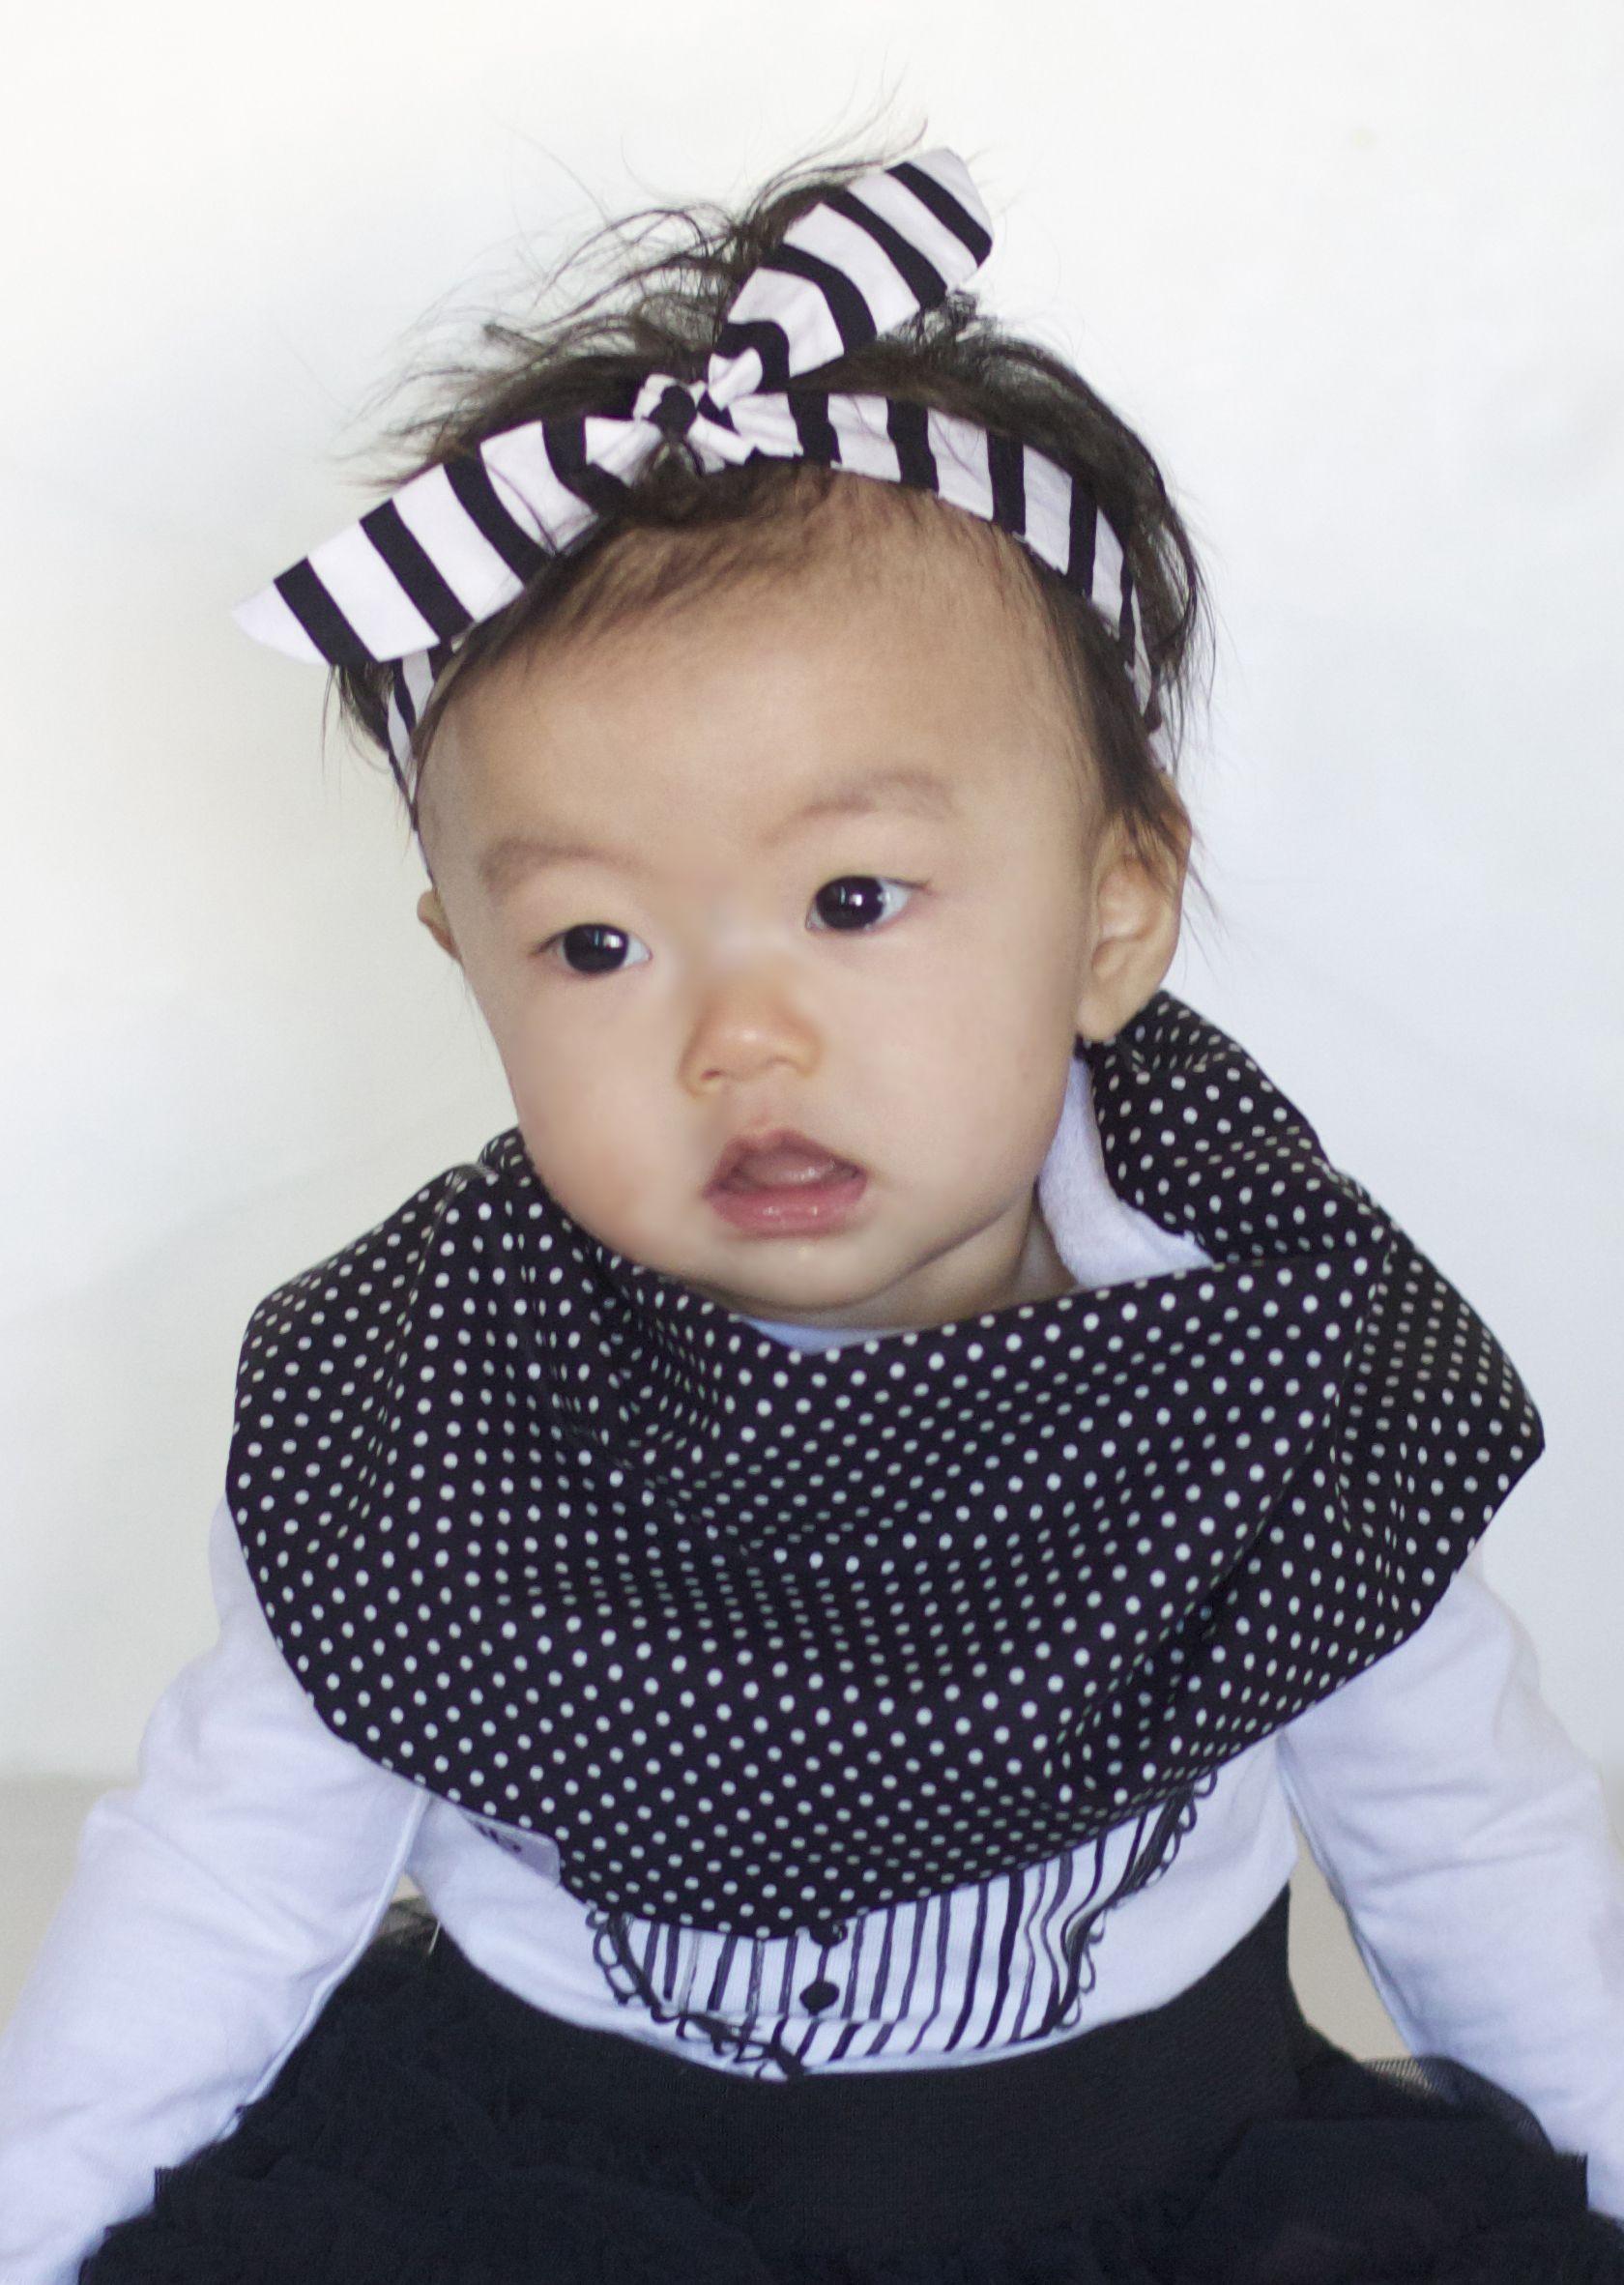 Scabib's Black & White Stripe Retro Hair Tie Scabib.com